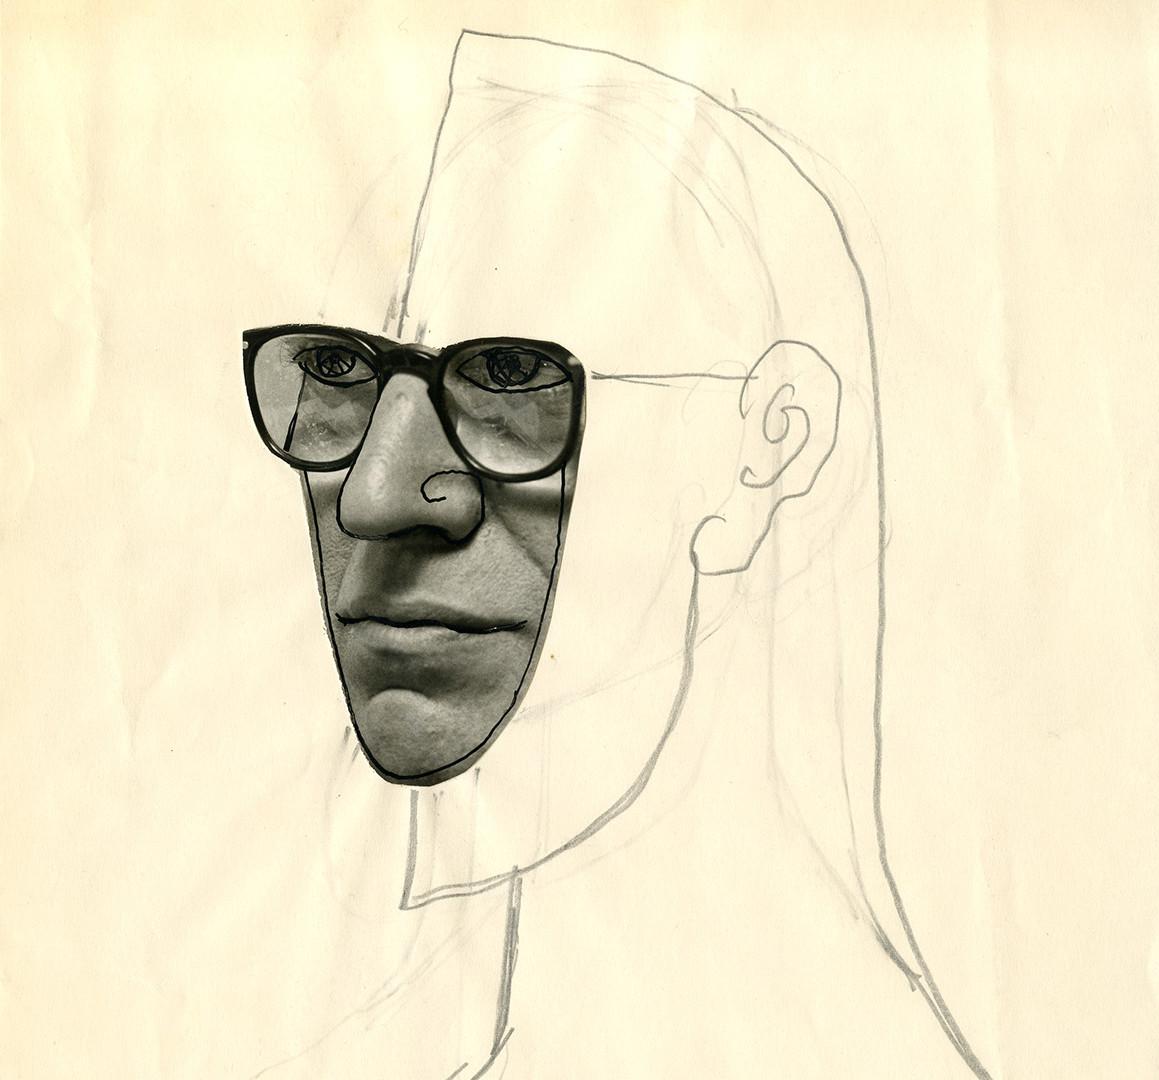 Saul Steinberg, Untitled (Self-Portrait), c. 1965